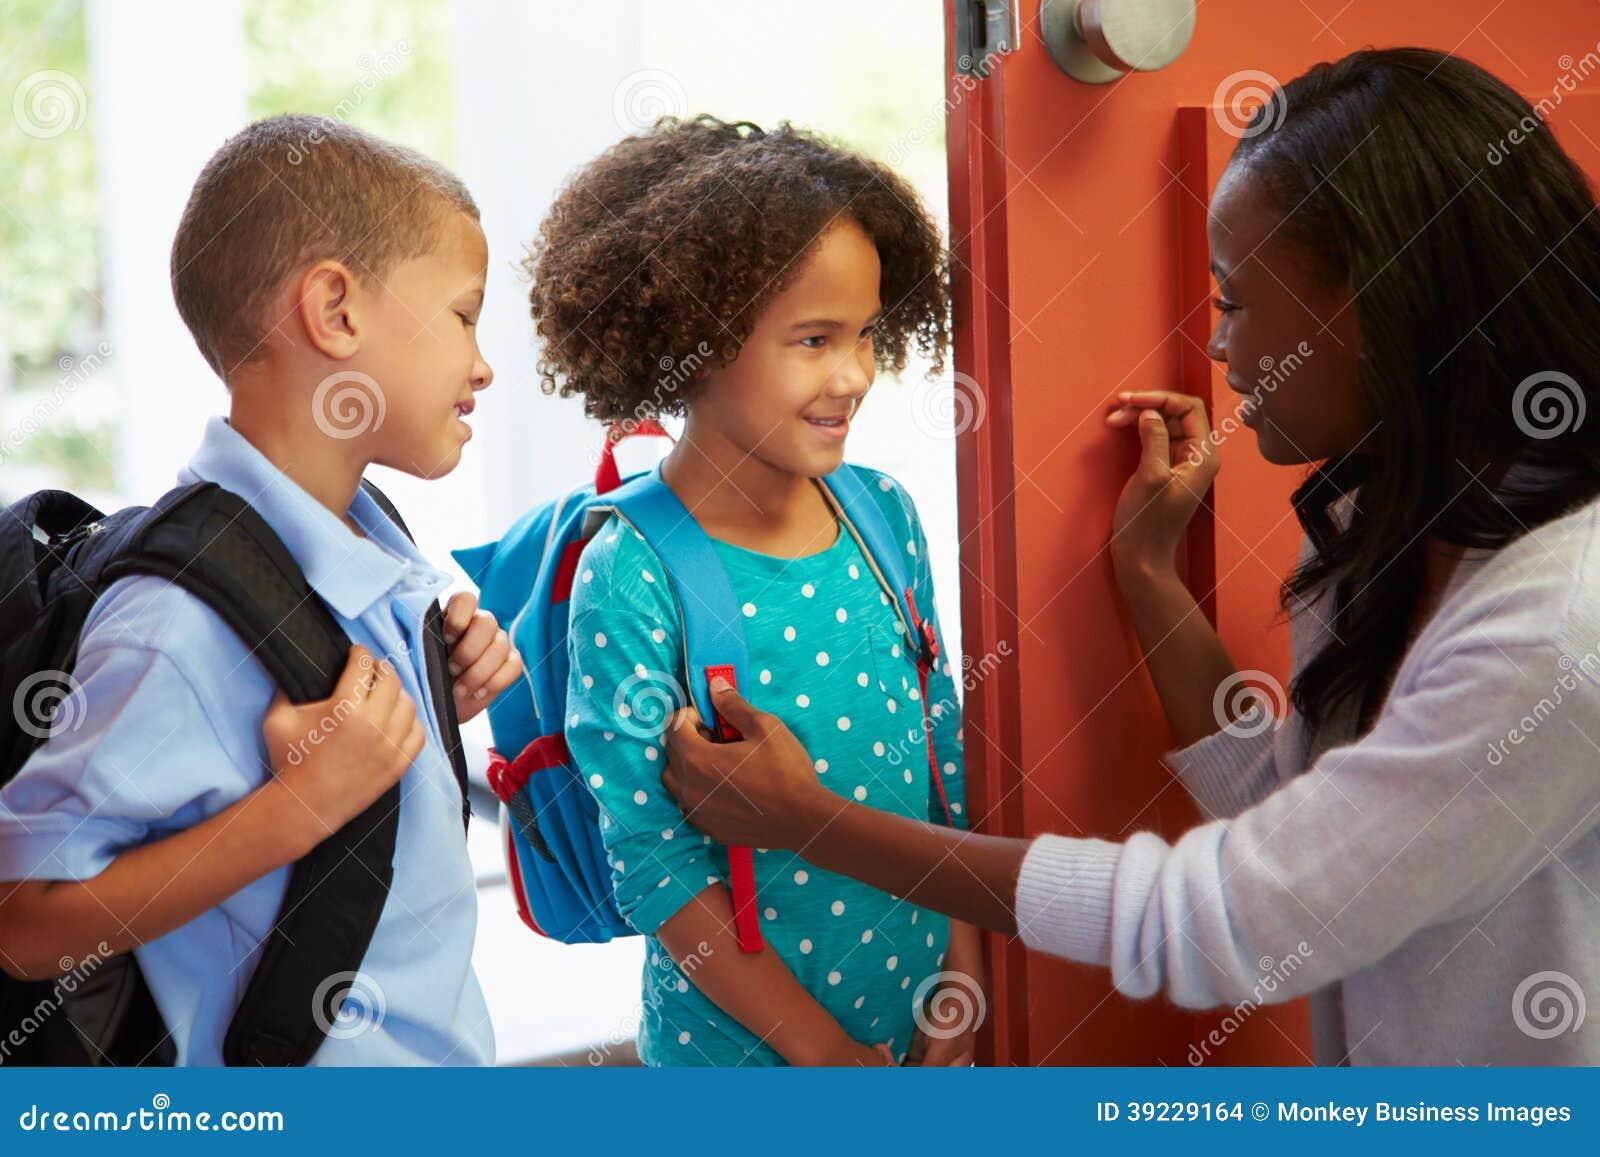 Mère disant au revoir aux enfants comme ils partent pour l école